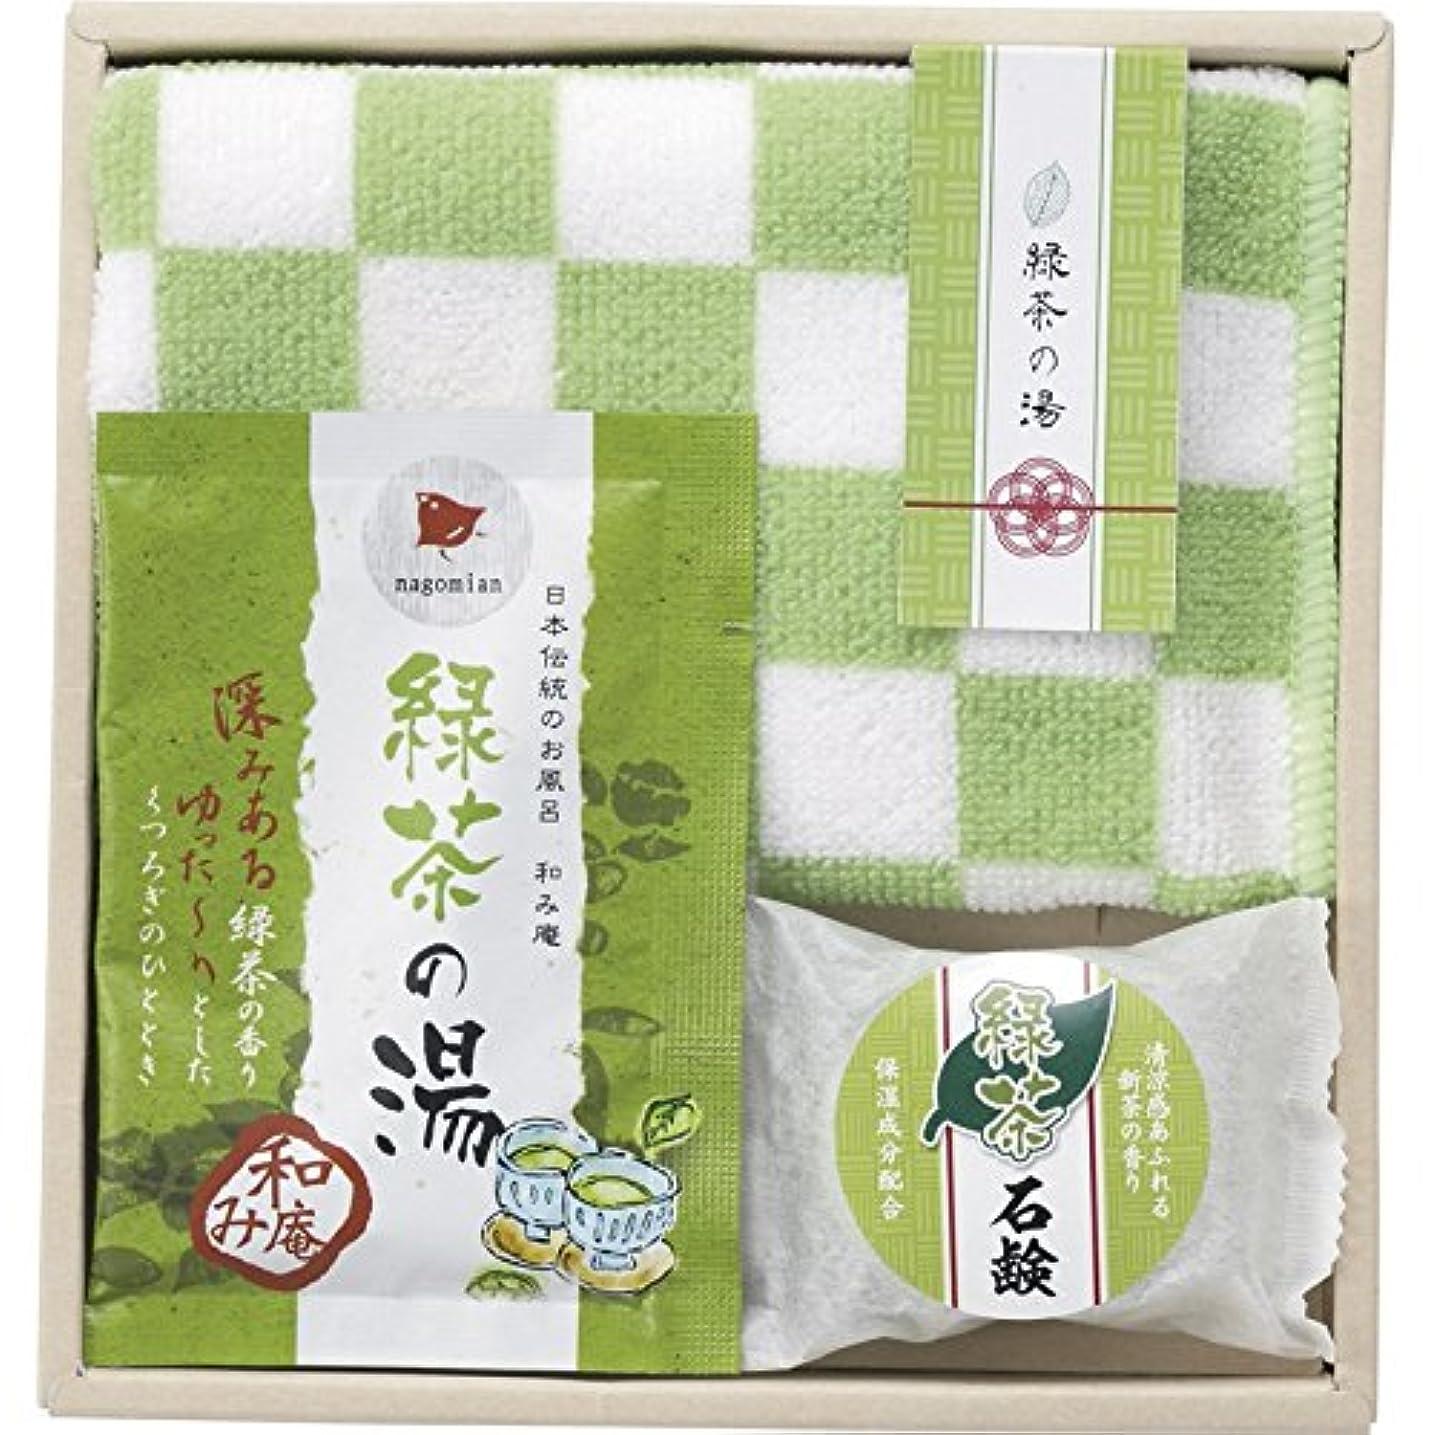 試用ムスアクチュエータ緑茶の湯入浴セット53